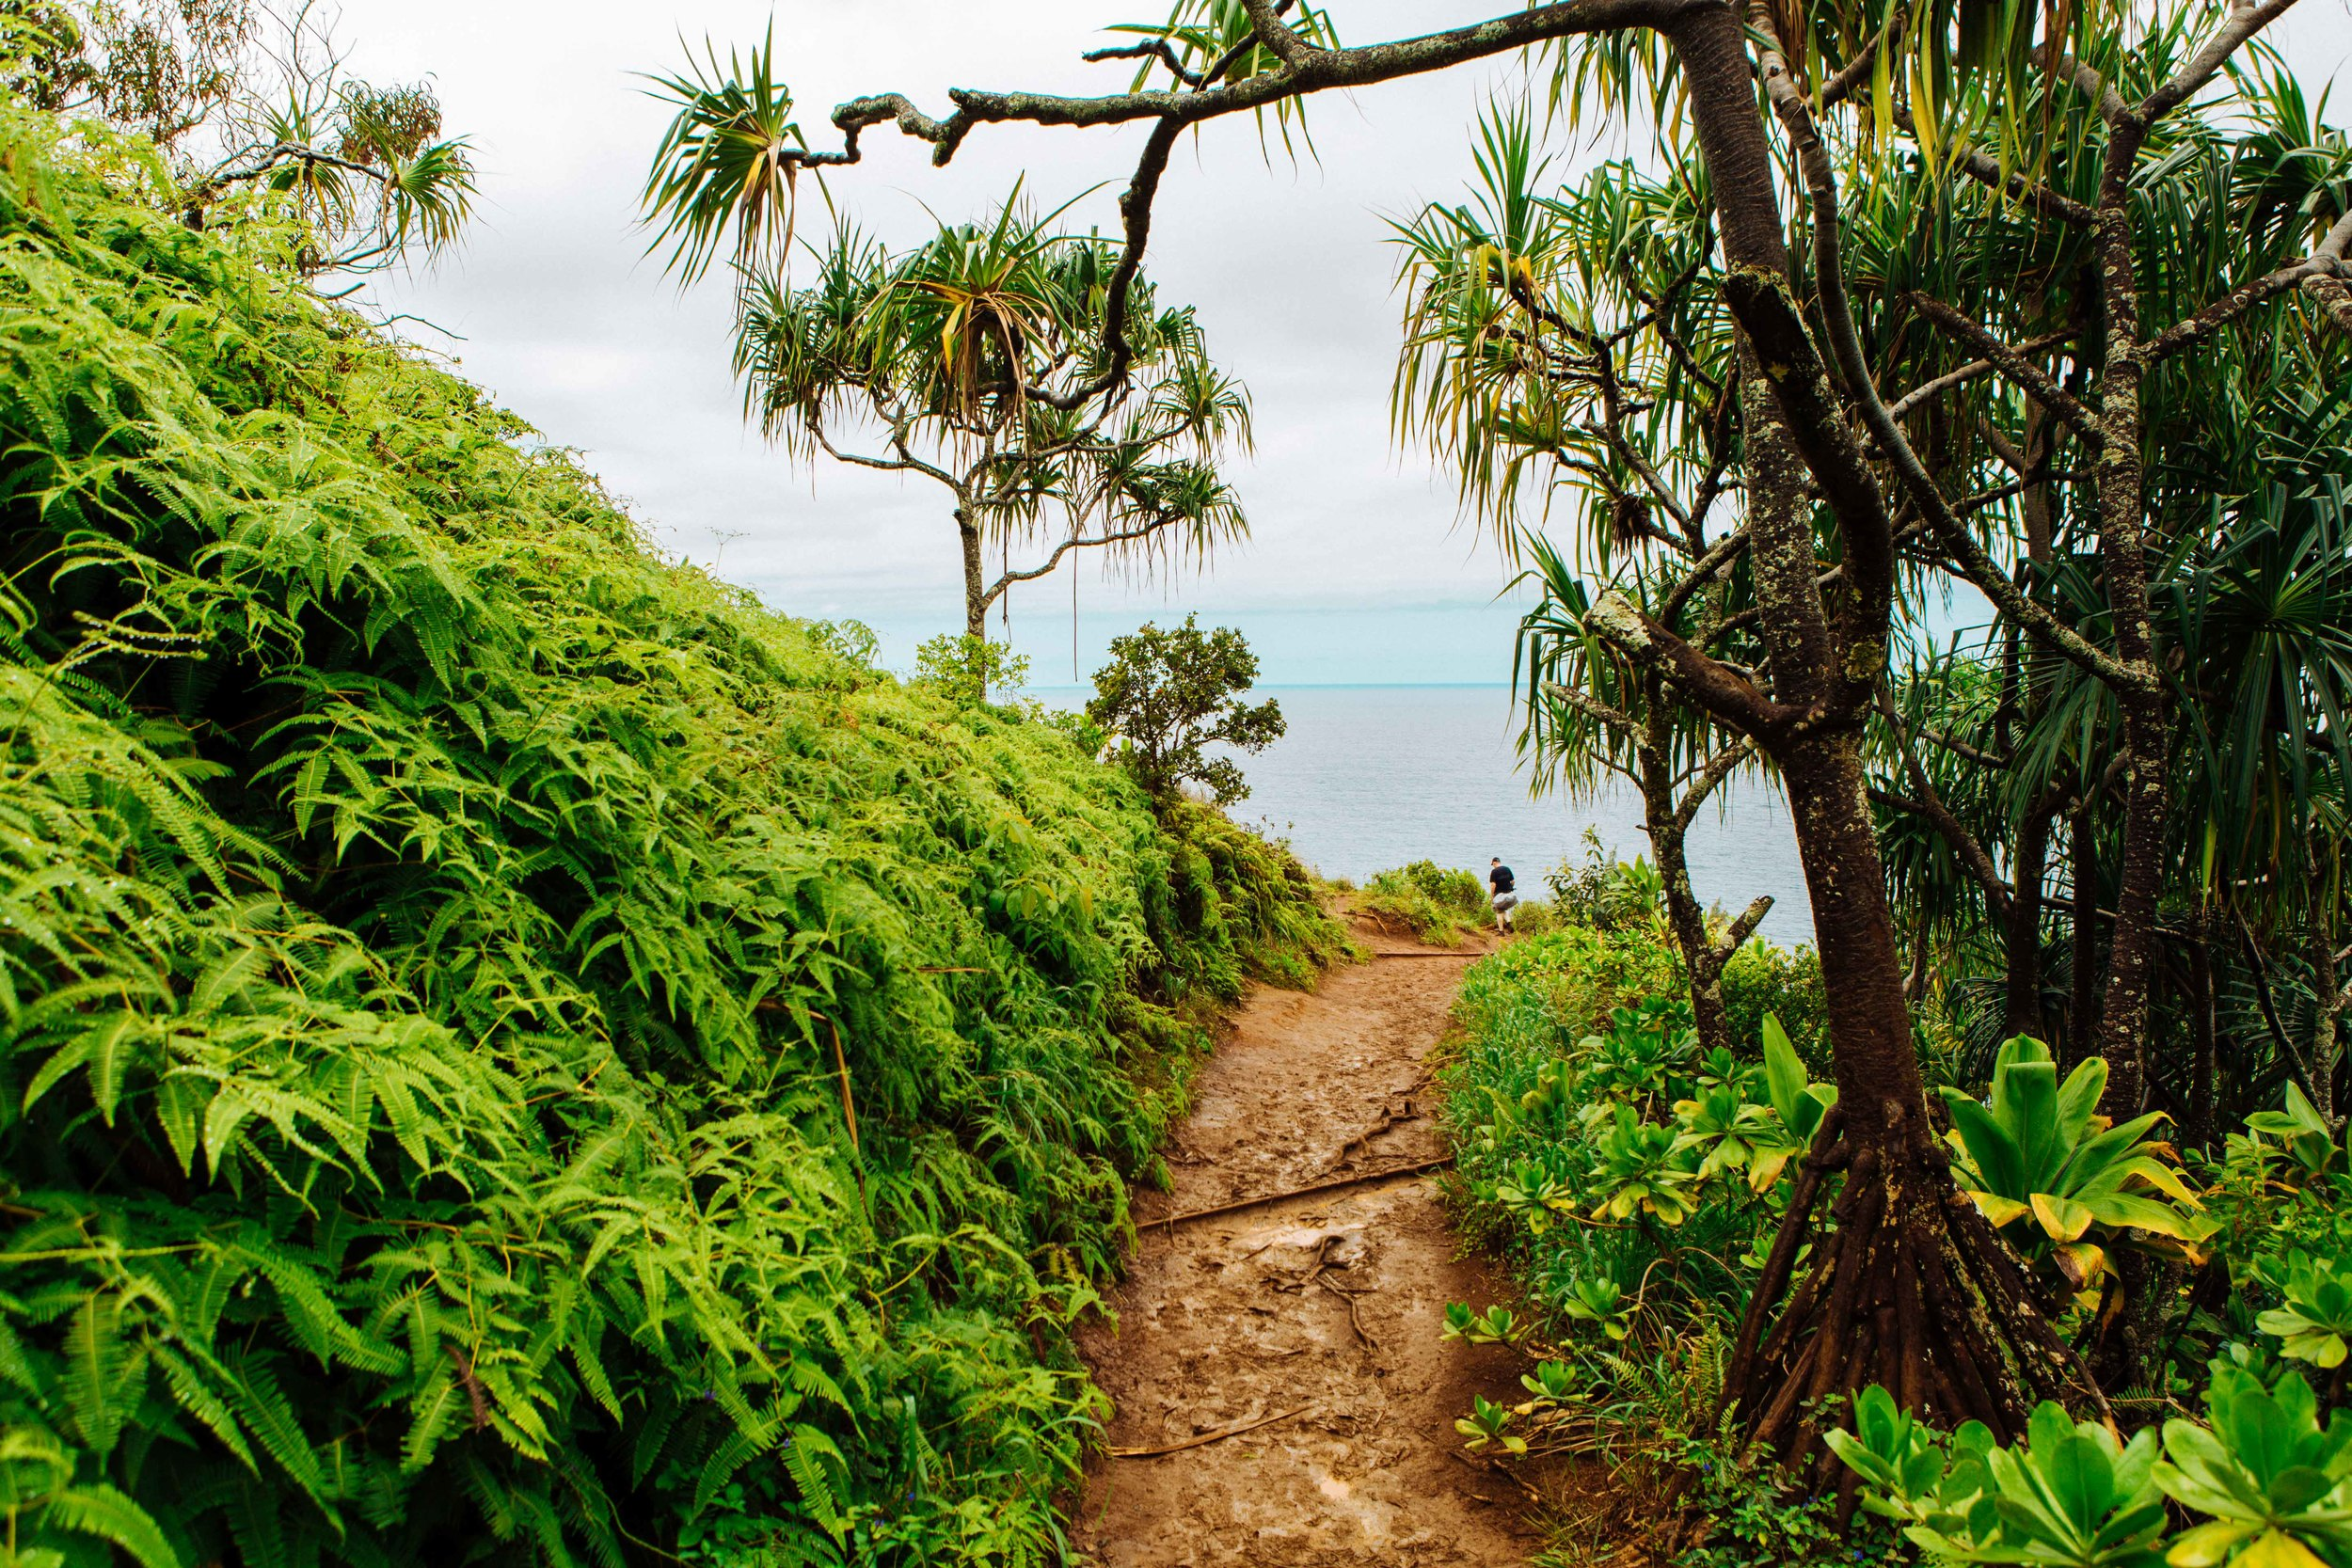 Kauai_day2_-105-2.jpg